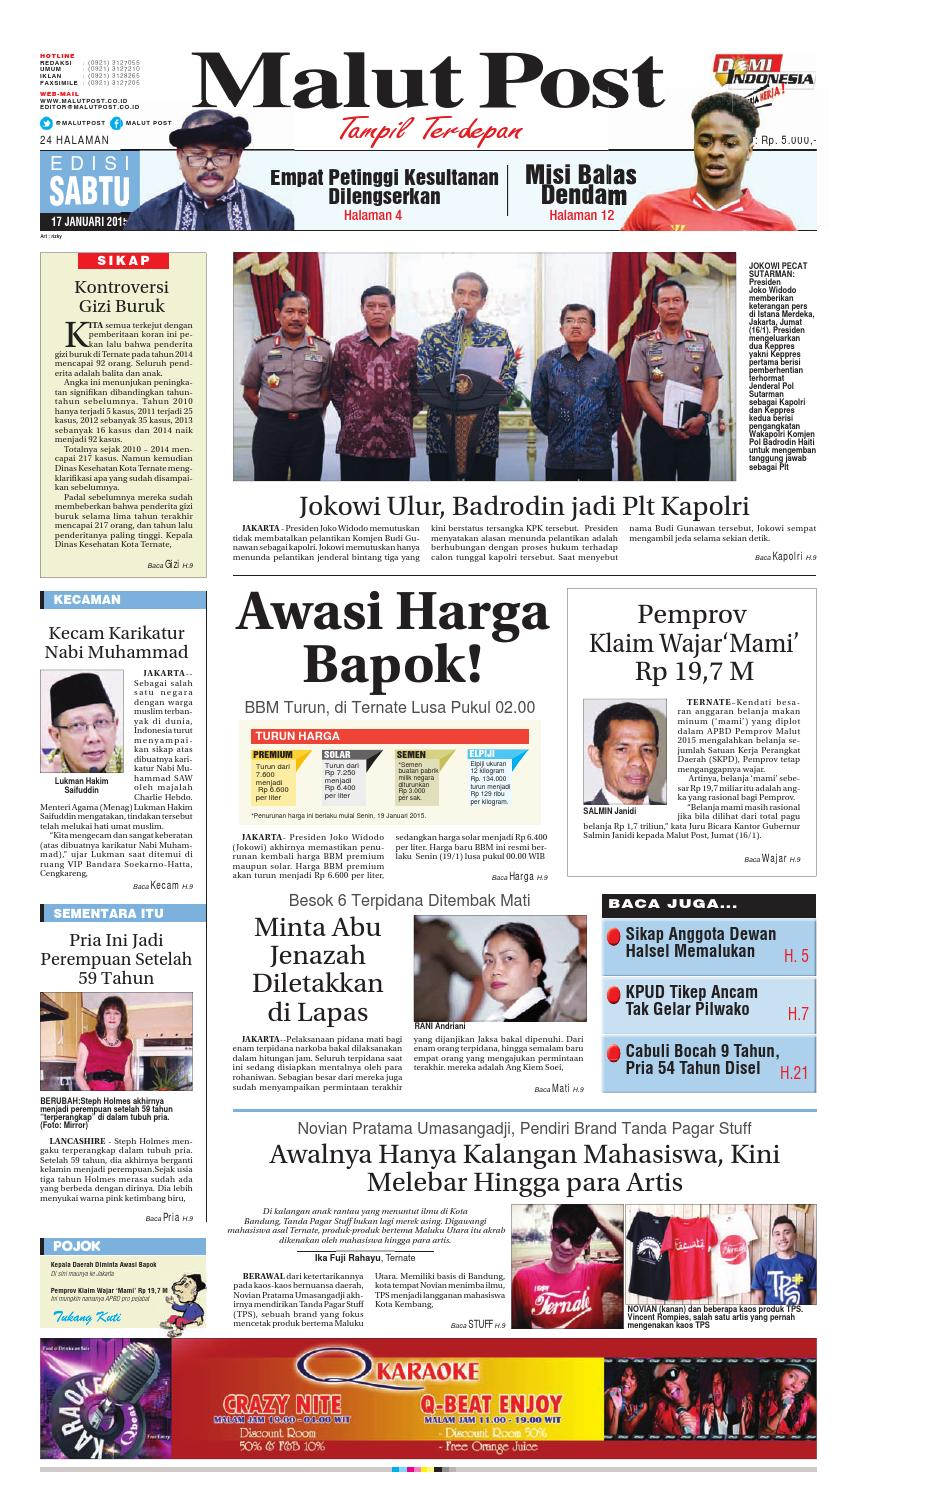 Malut Post 17 Januari 2015 By Malut Post Issuu